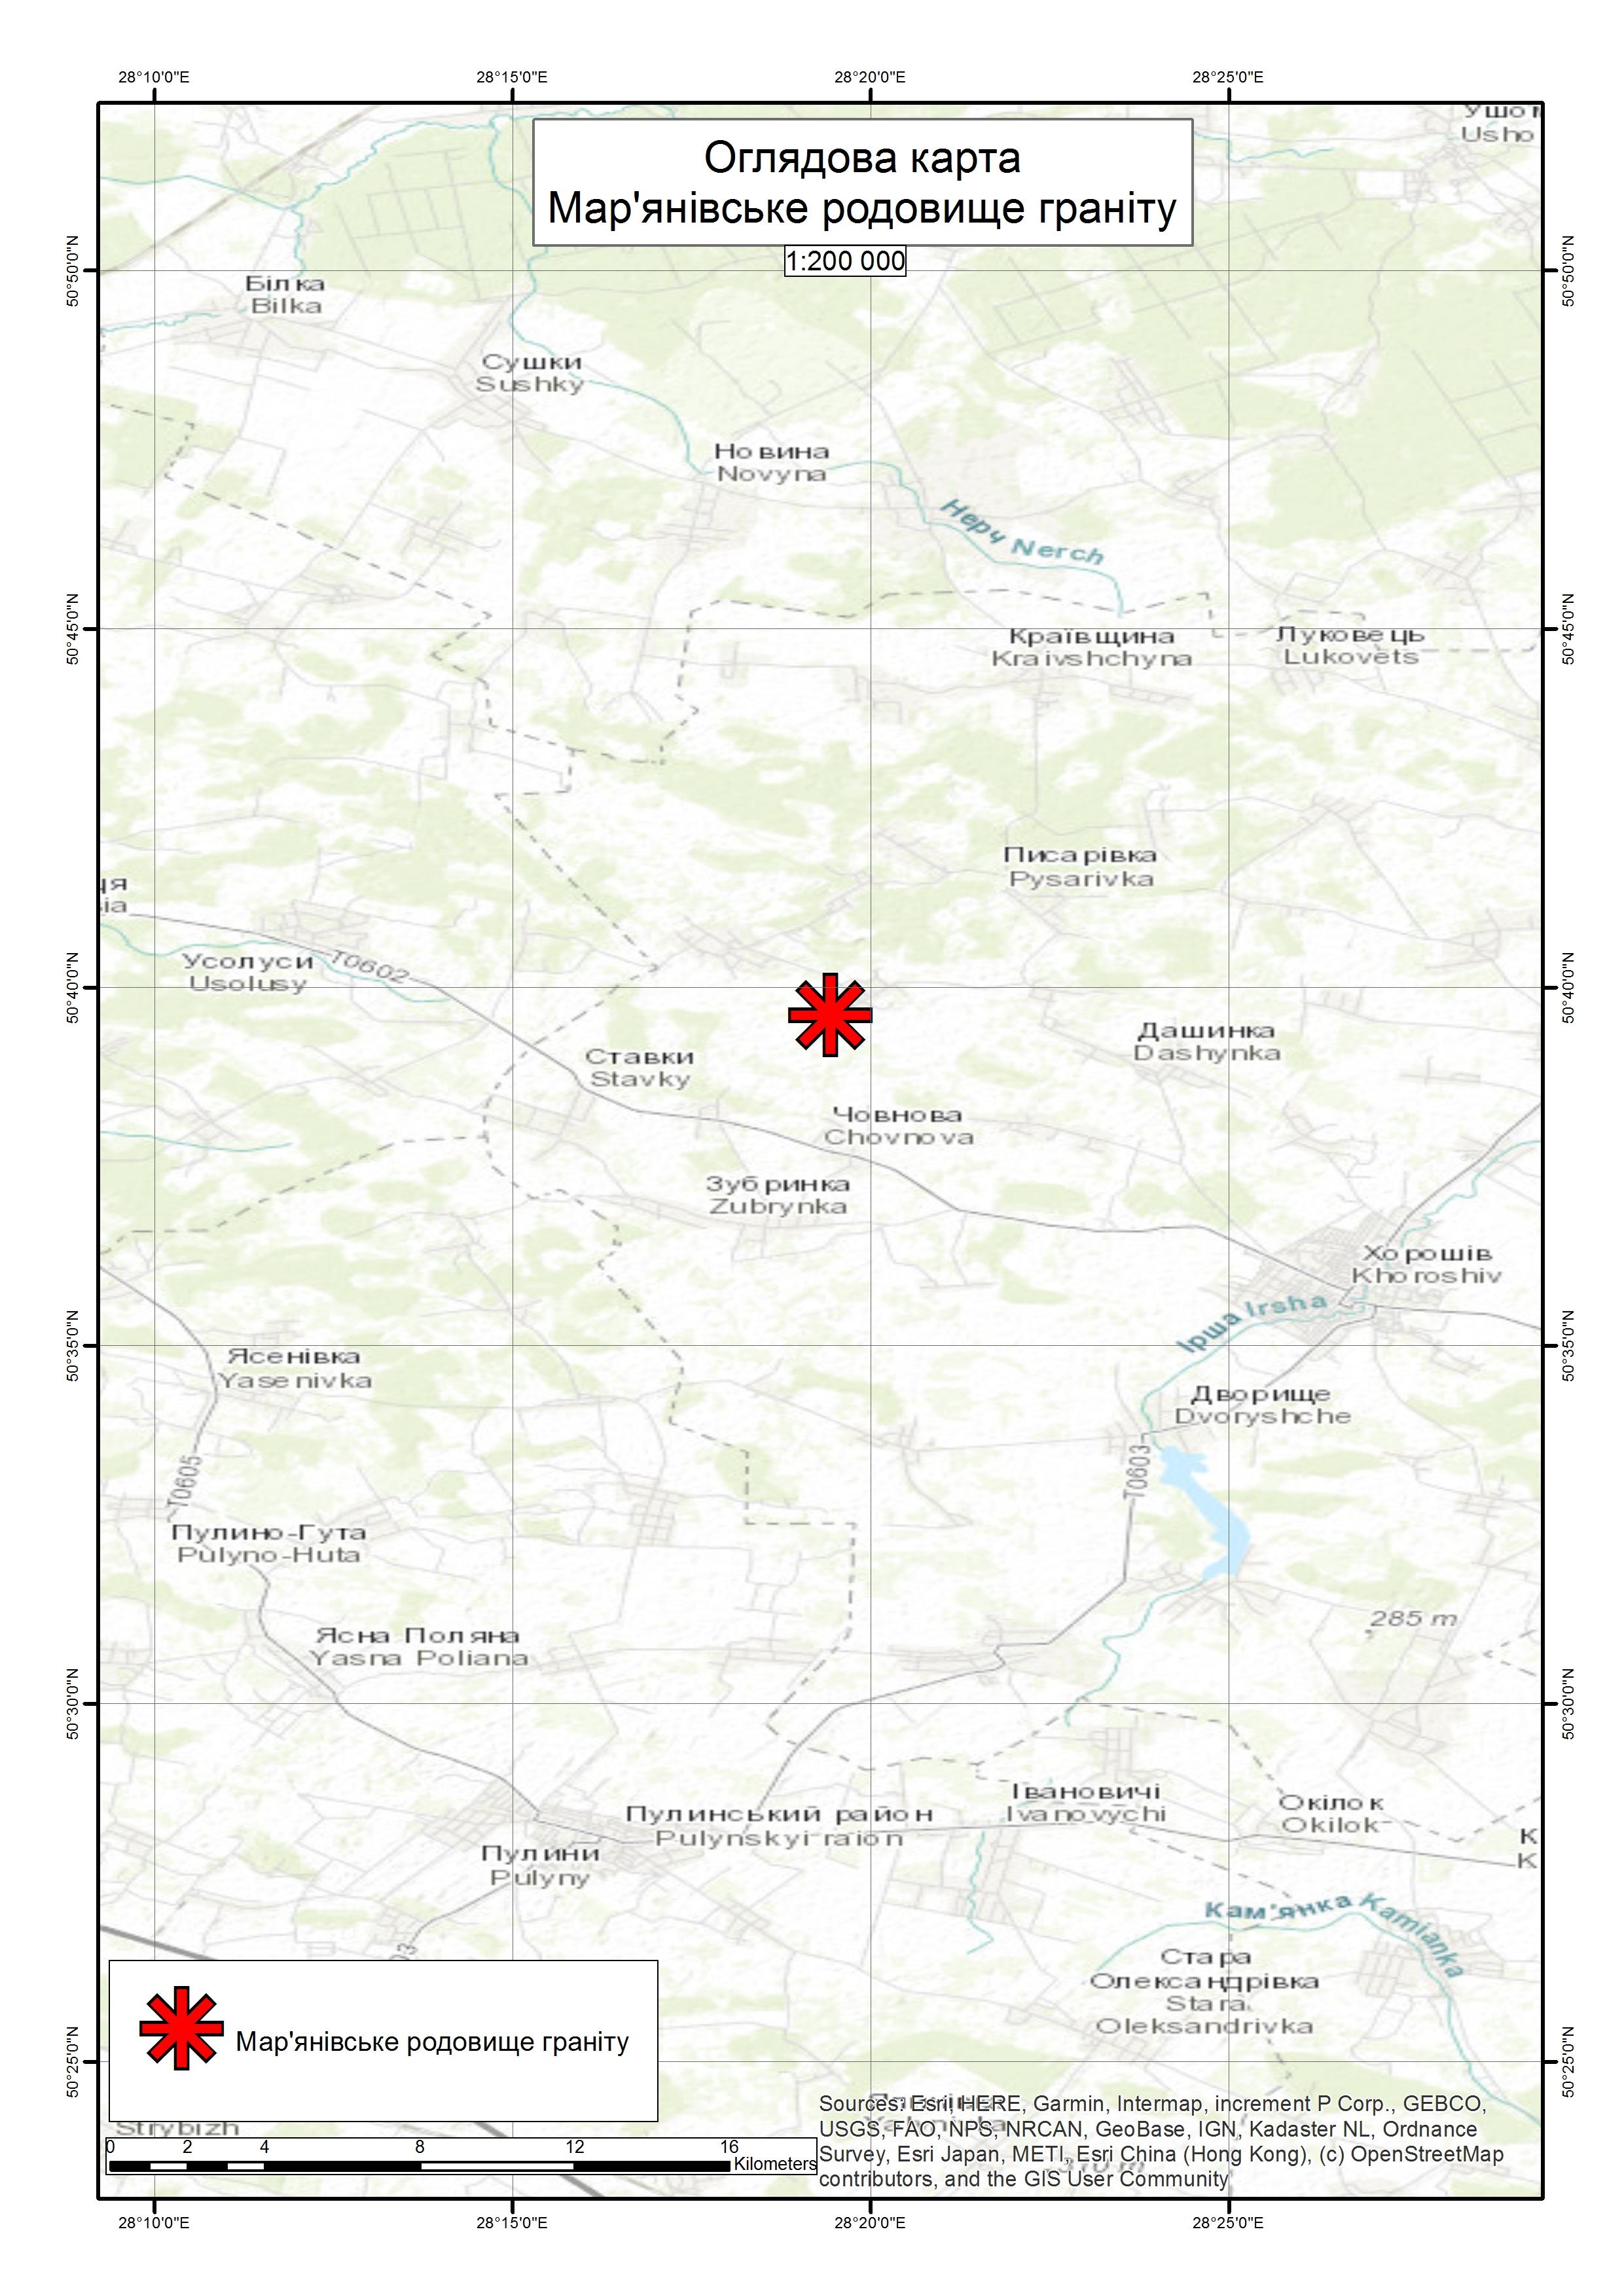 Спеціальний дозвіл на користування надрами – Мар'янівське родовище. Вартість геологічної інформації – 106 353,92 грн (з ПДВ). Вартість пакету аукціонної документації – 42 736,73 грн (з ПДВ).